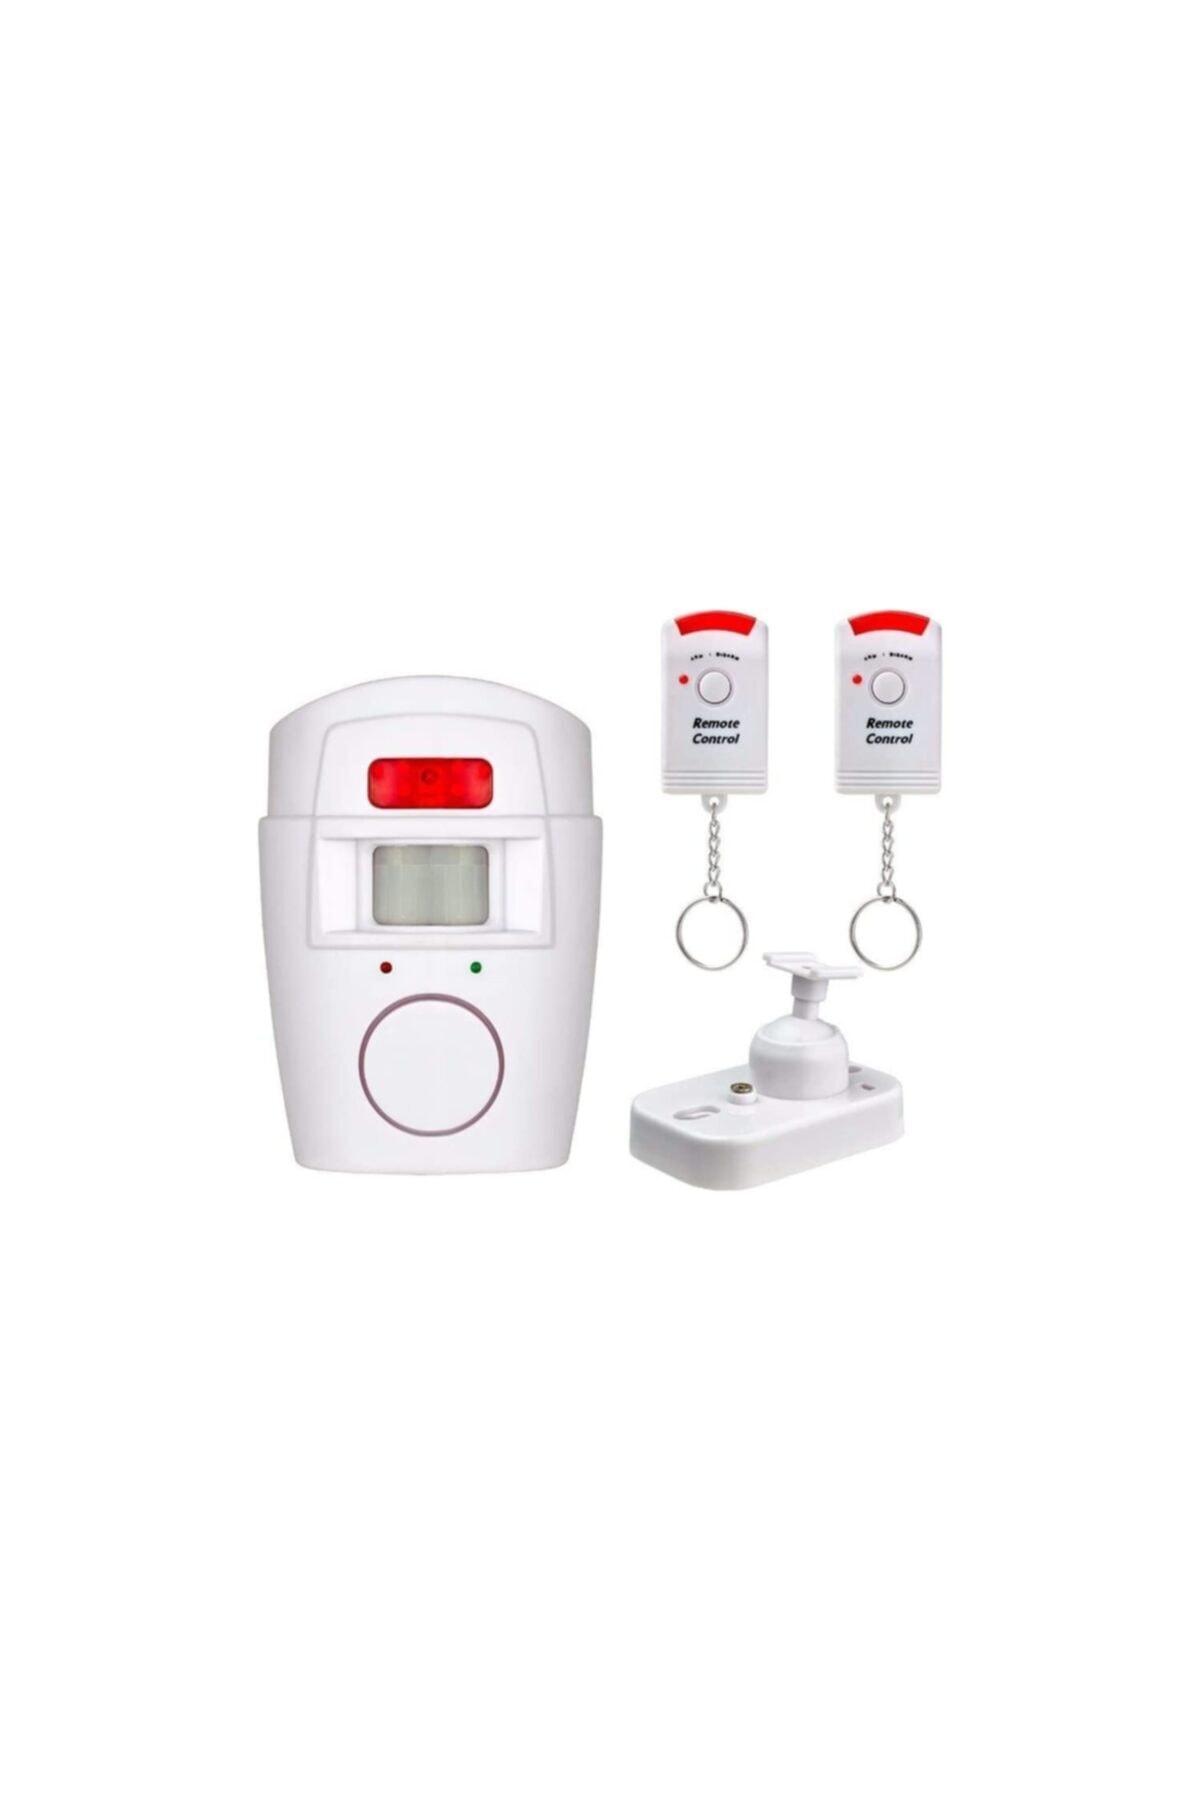 General Home Hareket Sensörlü Alarm Seti (2 Adet Uzaktan Kumandalı) 1